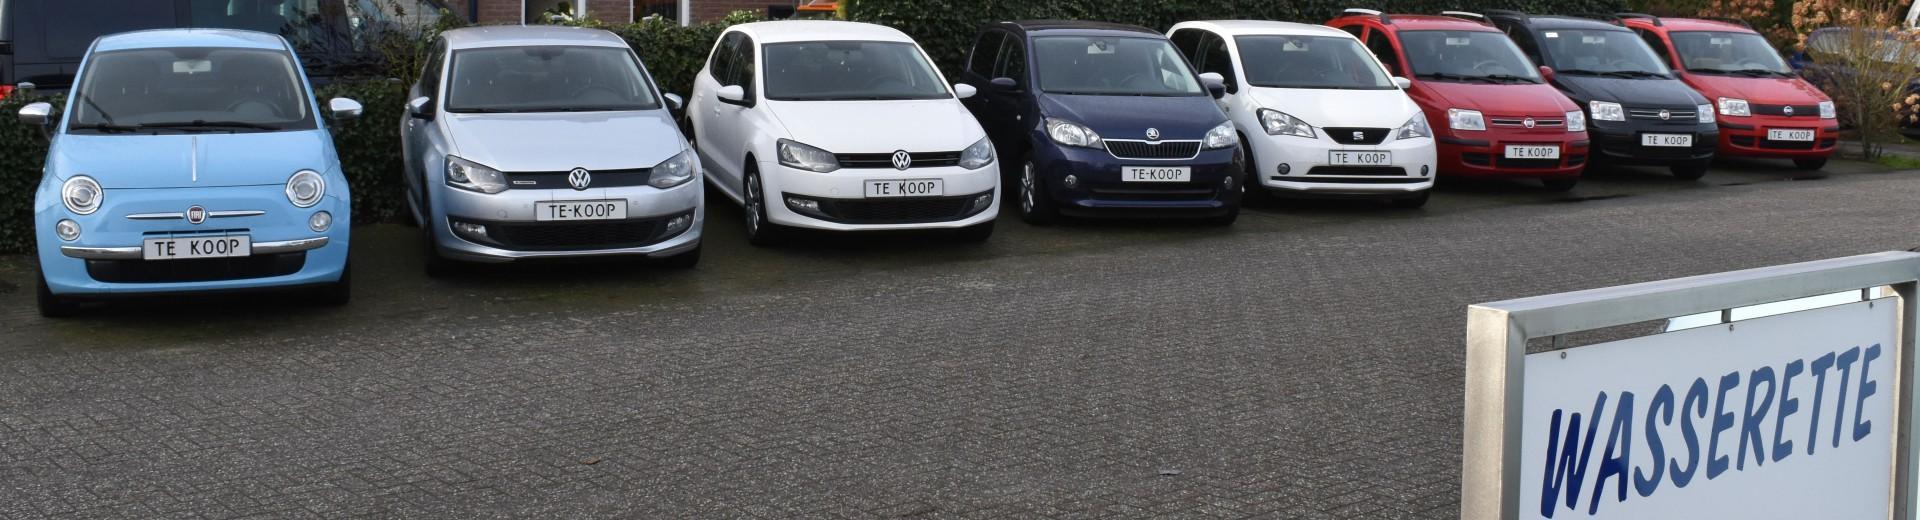 Uw autospecialist in Midden-Drenthe. Voor alle soorten reparaties en onderhoud.